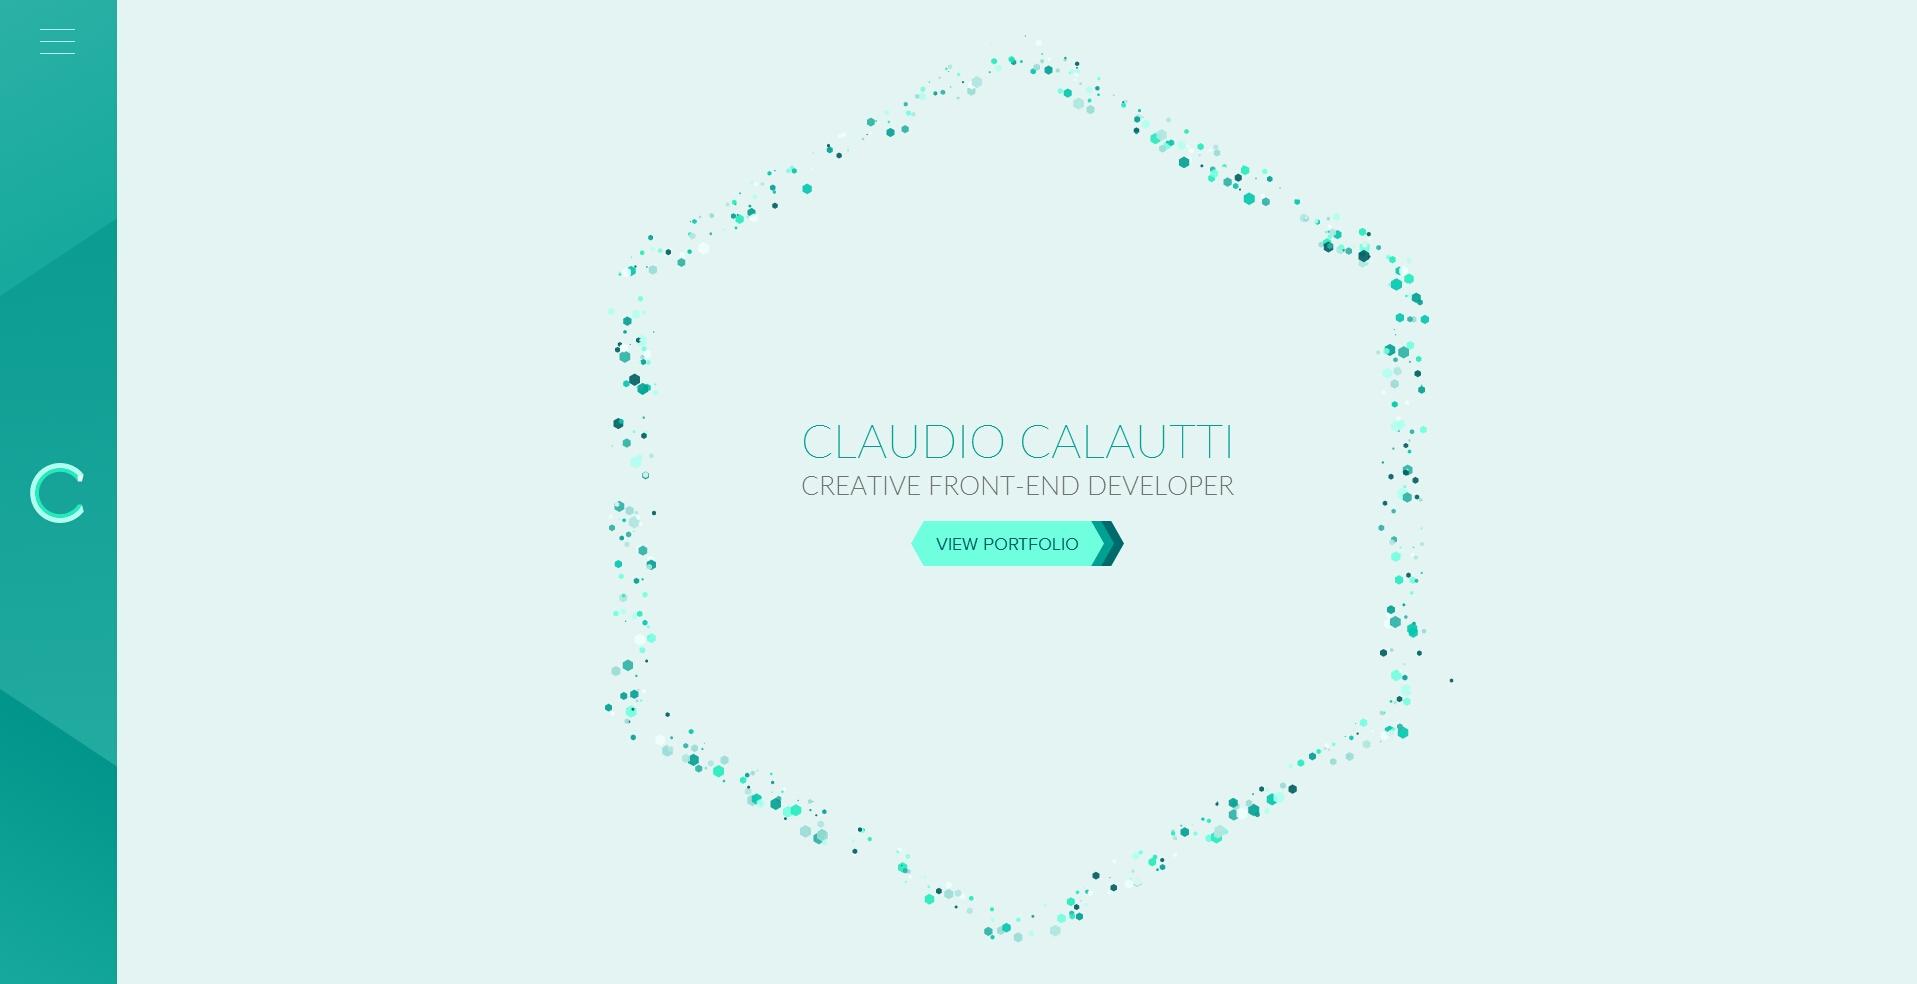 网页设计-强烈地专注于模块化和可维护性和密切小